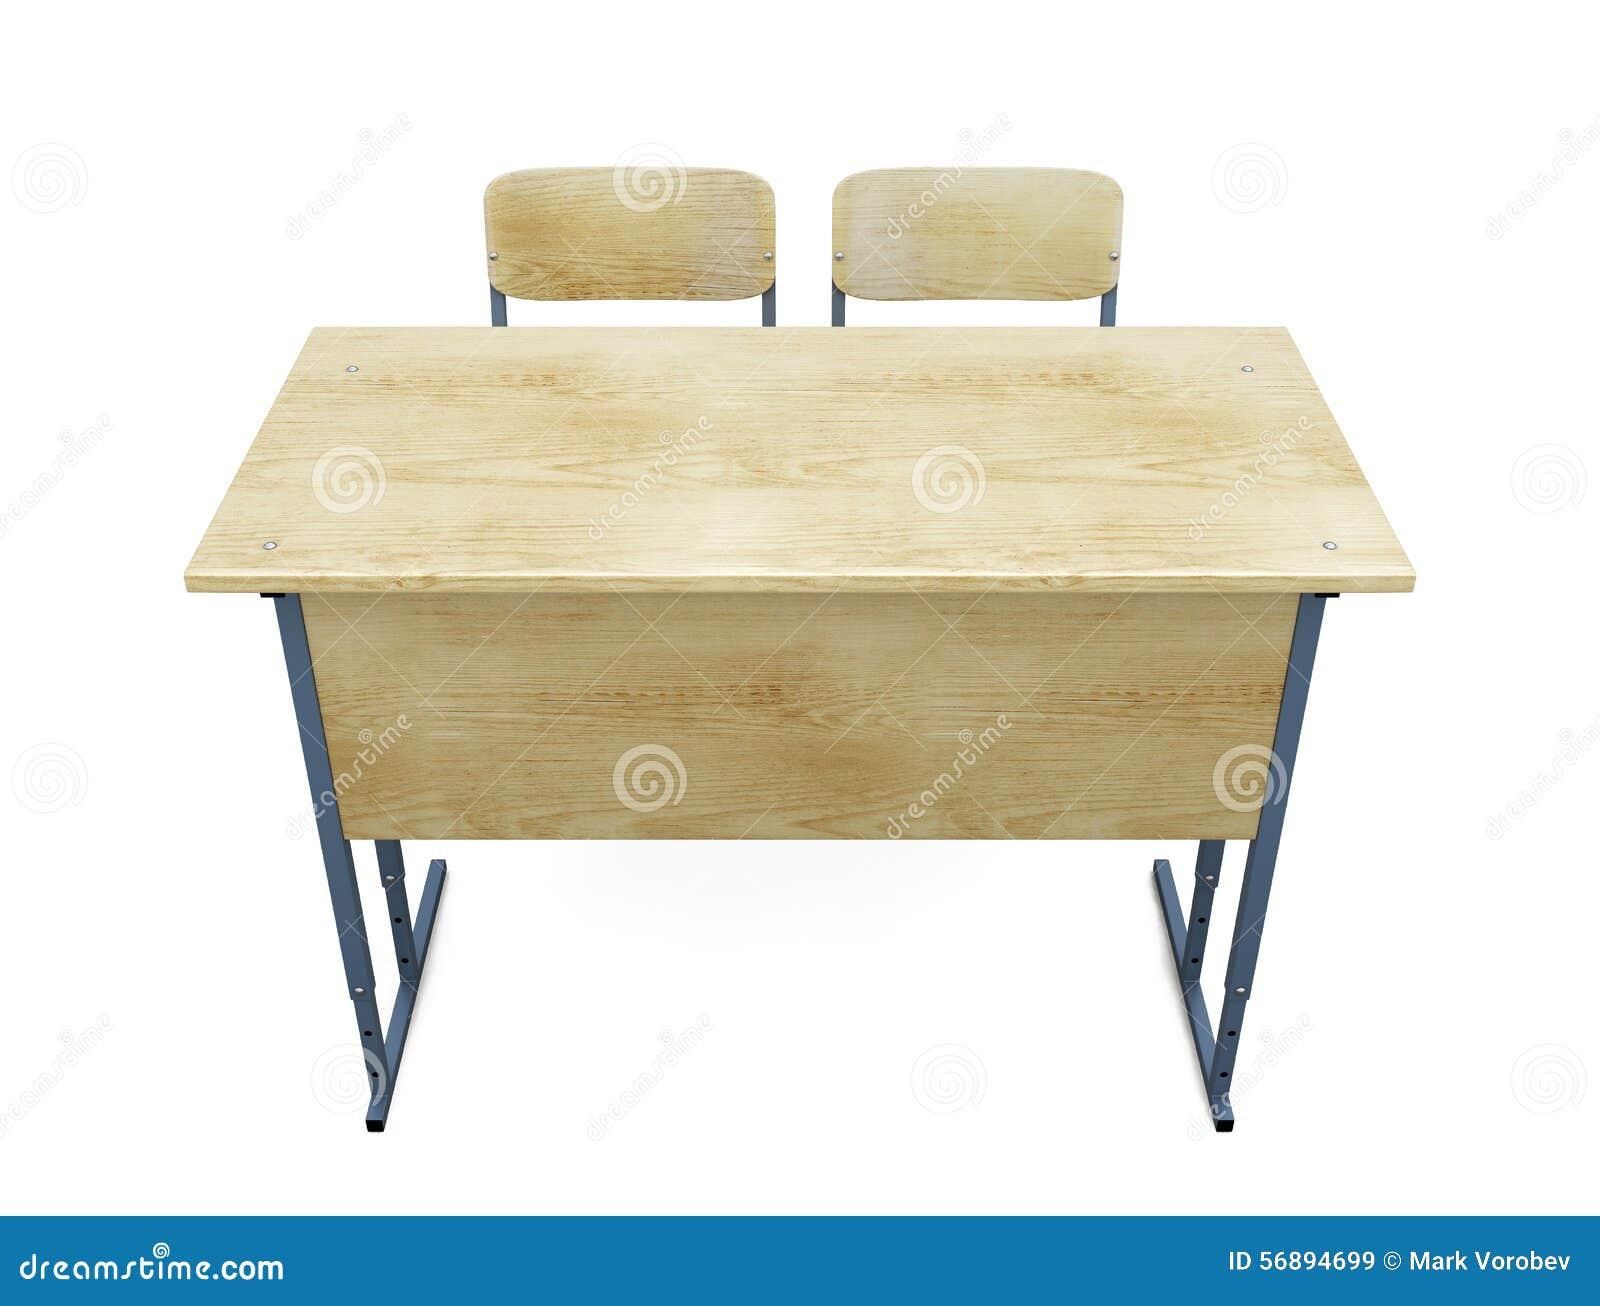 schulbank mit zwei st hlen auf einem wei stock abbildung bild 56894699. Black Bedroom Furniture Sets. Home Design Ideas